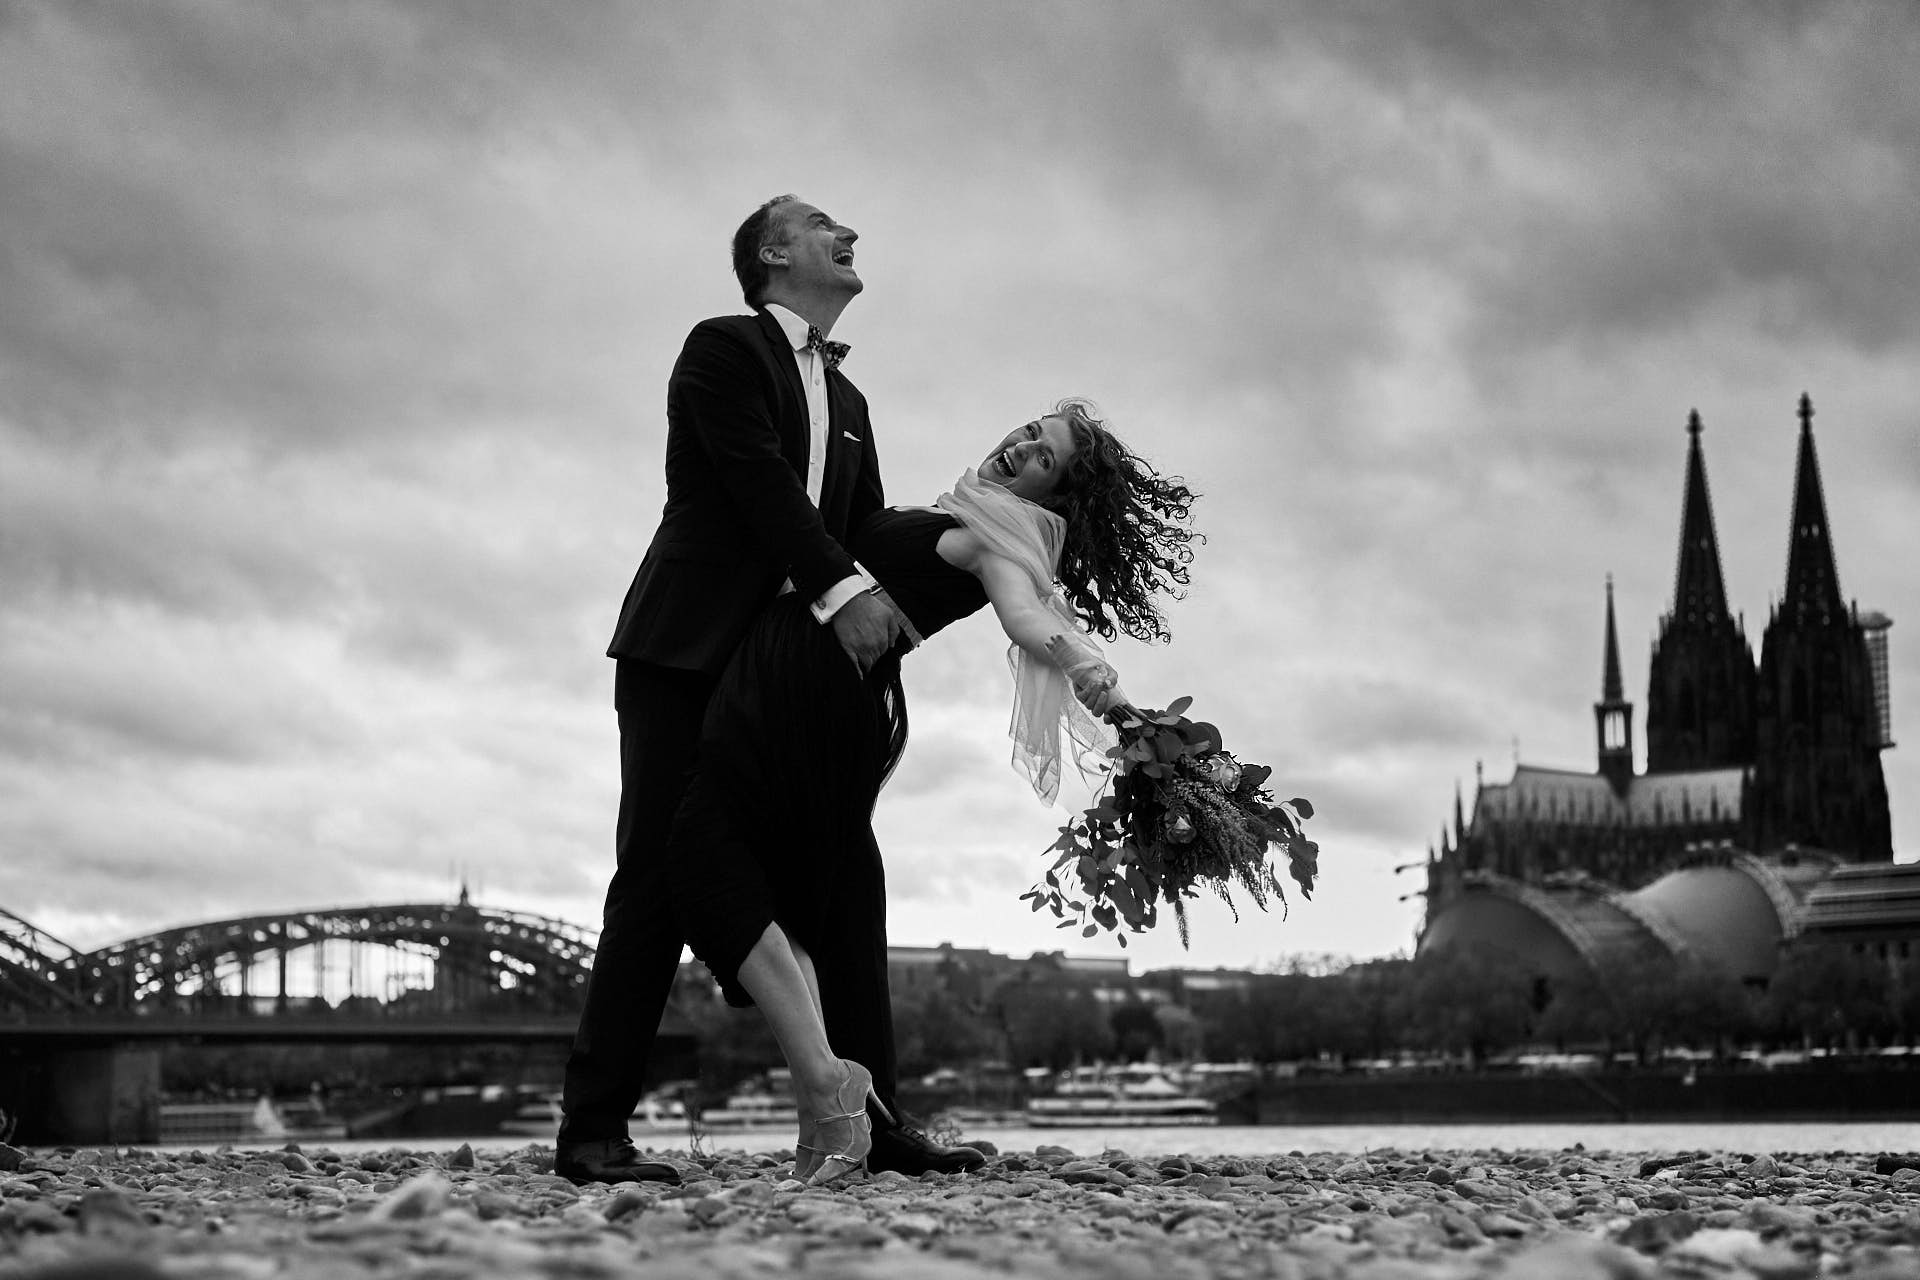 Brautpaar tanzt am Rheinufer mit dem Kölner Dom im Hintergrund